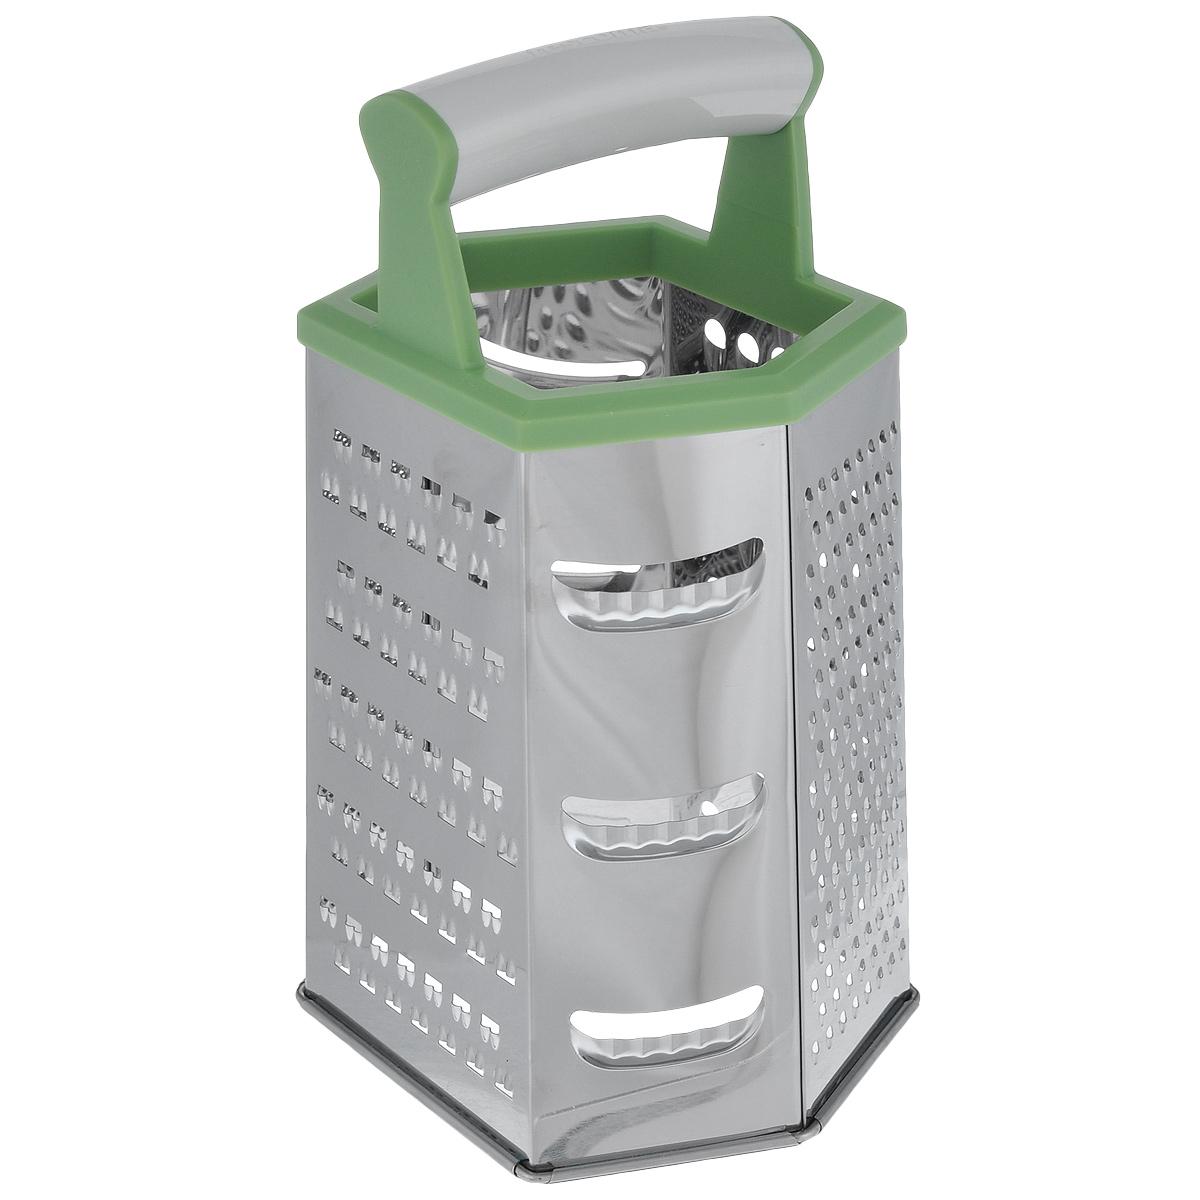 Терка шестигранная Tescoma Handy, цвет: зеленый, высота 22 см643784_зеленыйШестигранная терка Tescoma Handy, выполненная из высококачественной нержавеющей стали с зеркальной полировкой, станет незаменимым атрибутом приготовления пищи. Сверху на терке расположена удобная пластиковая ручка. Терка замечательна для простого и быстрого измельчения и нарезки продуктов на ломтики. На одном изделии представлены шесть видов терок - крупная, мелкая, терка для овощных пюре, фигурная, шинковка и шинковка фигурная. Современный стильный дизайн позволит терке занять достойное место на вашей кухне.Можно мыть в посудомоечной машине.